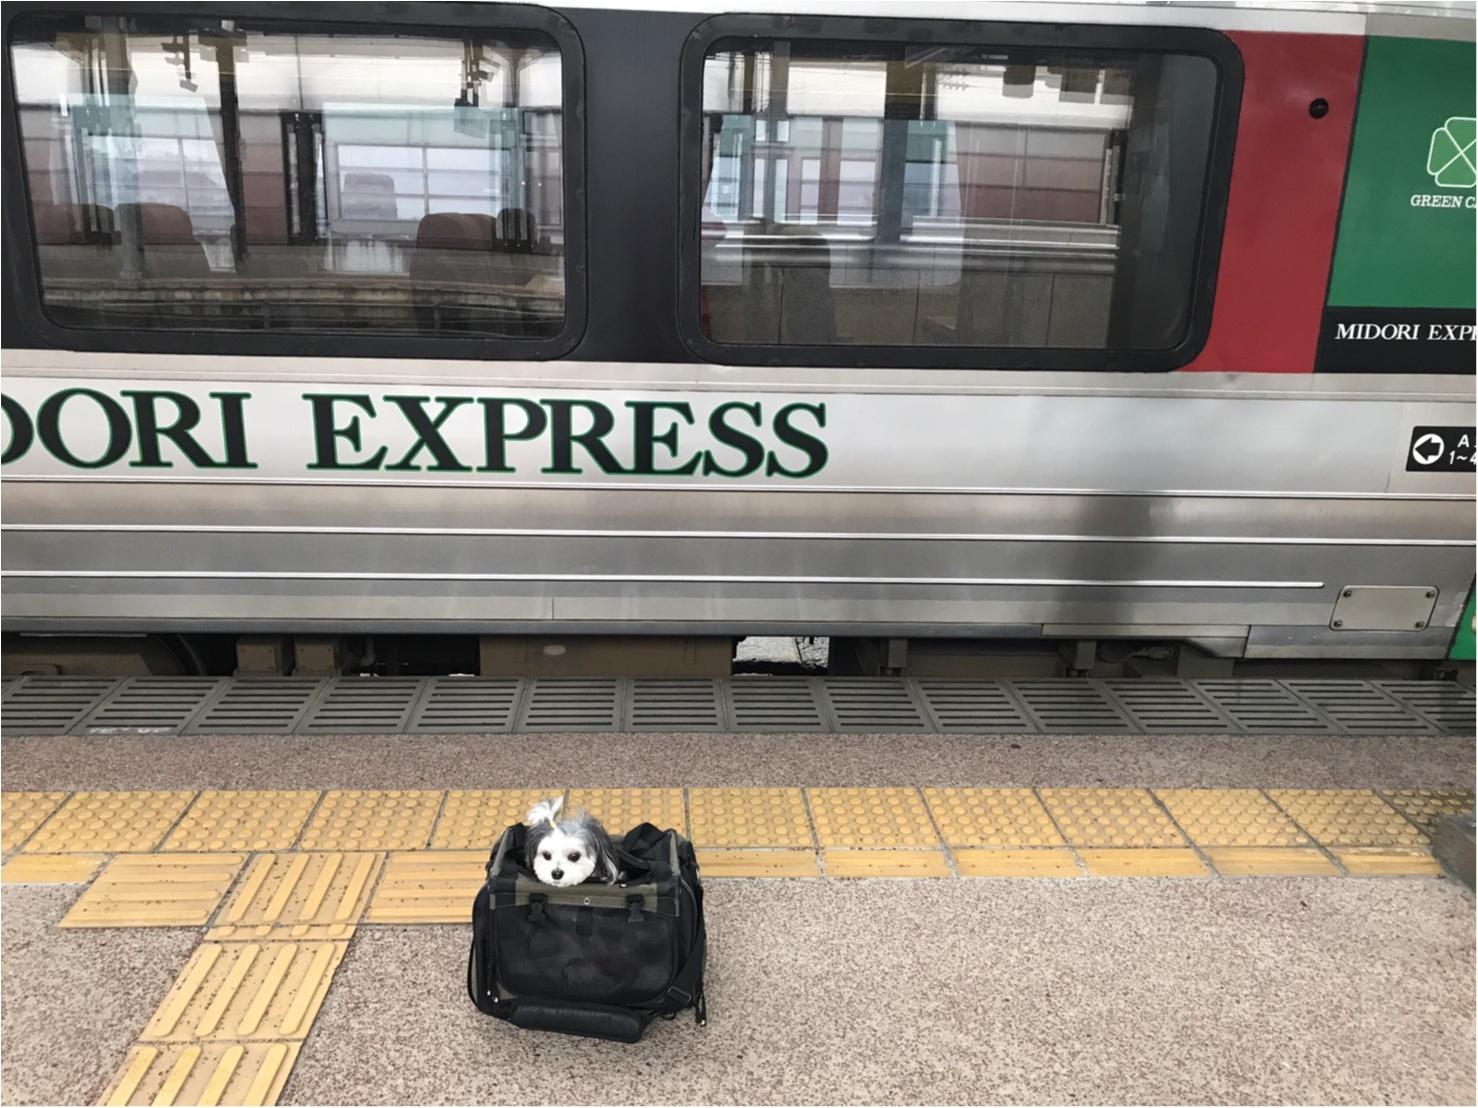 【今日のわんこ】さあお出かけだ♪ 太郎くん、電車に乗るの巻_1